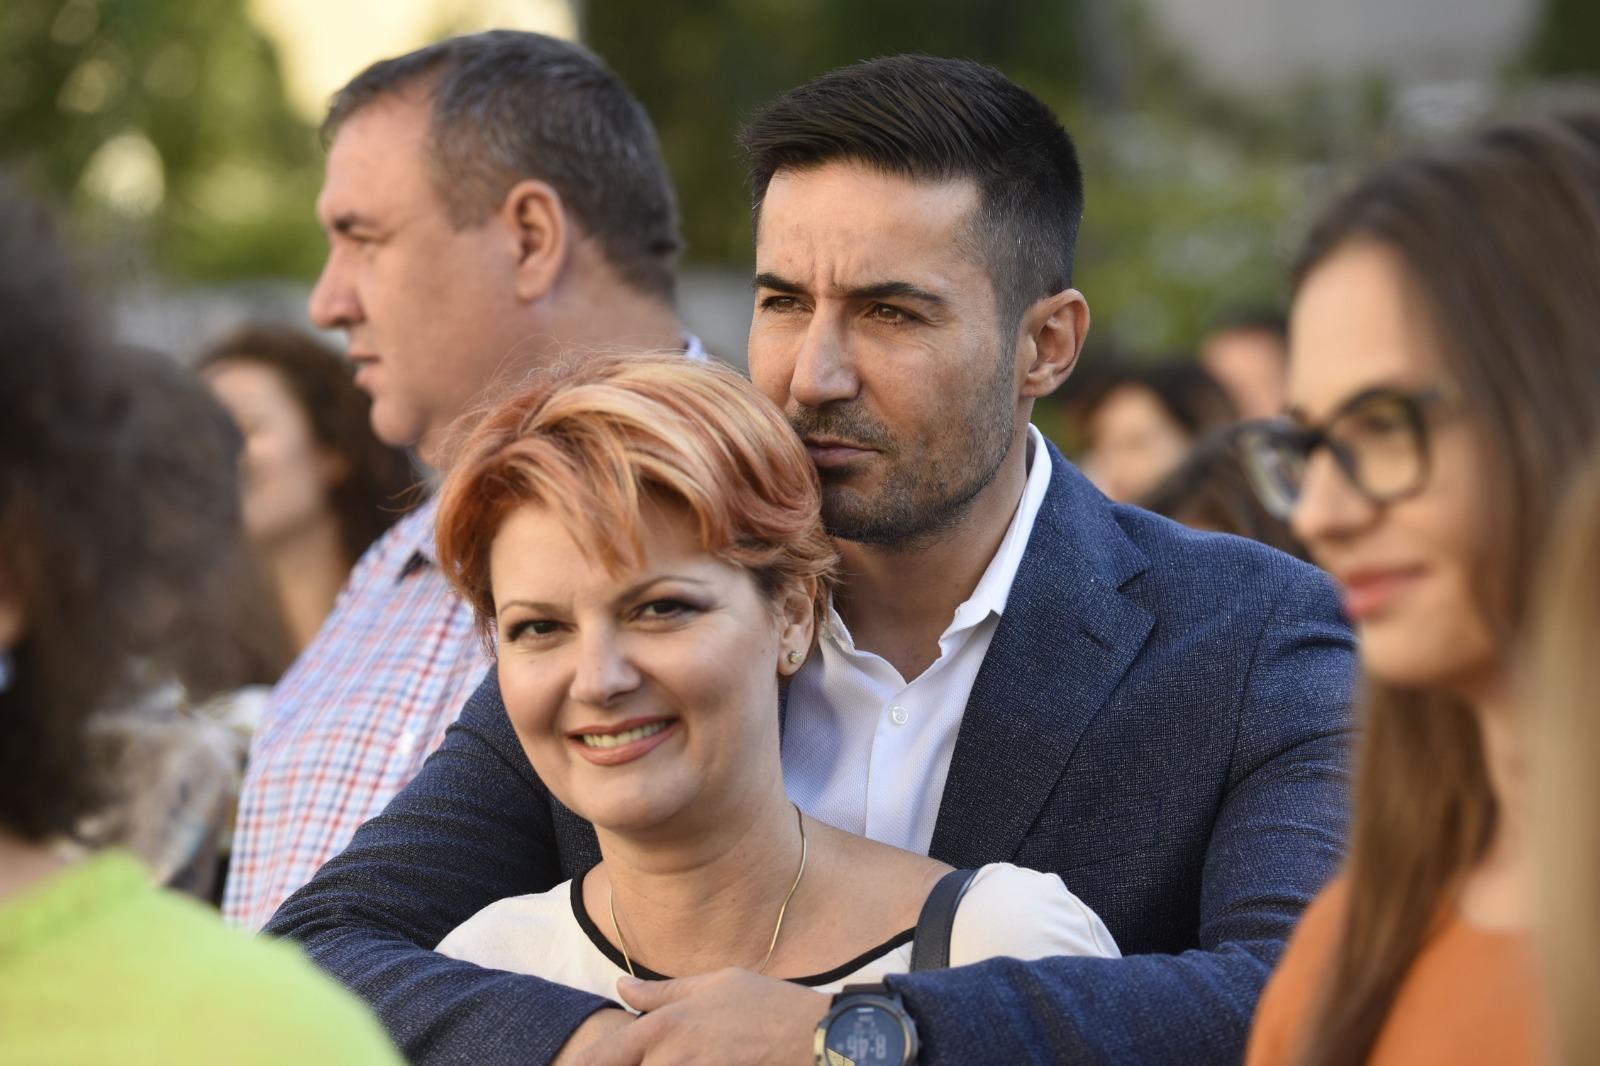 Emoții pentru Lia Olguța Vasilescu și Claudiu Manda! Copii Lia și Manda